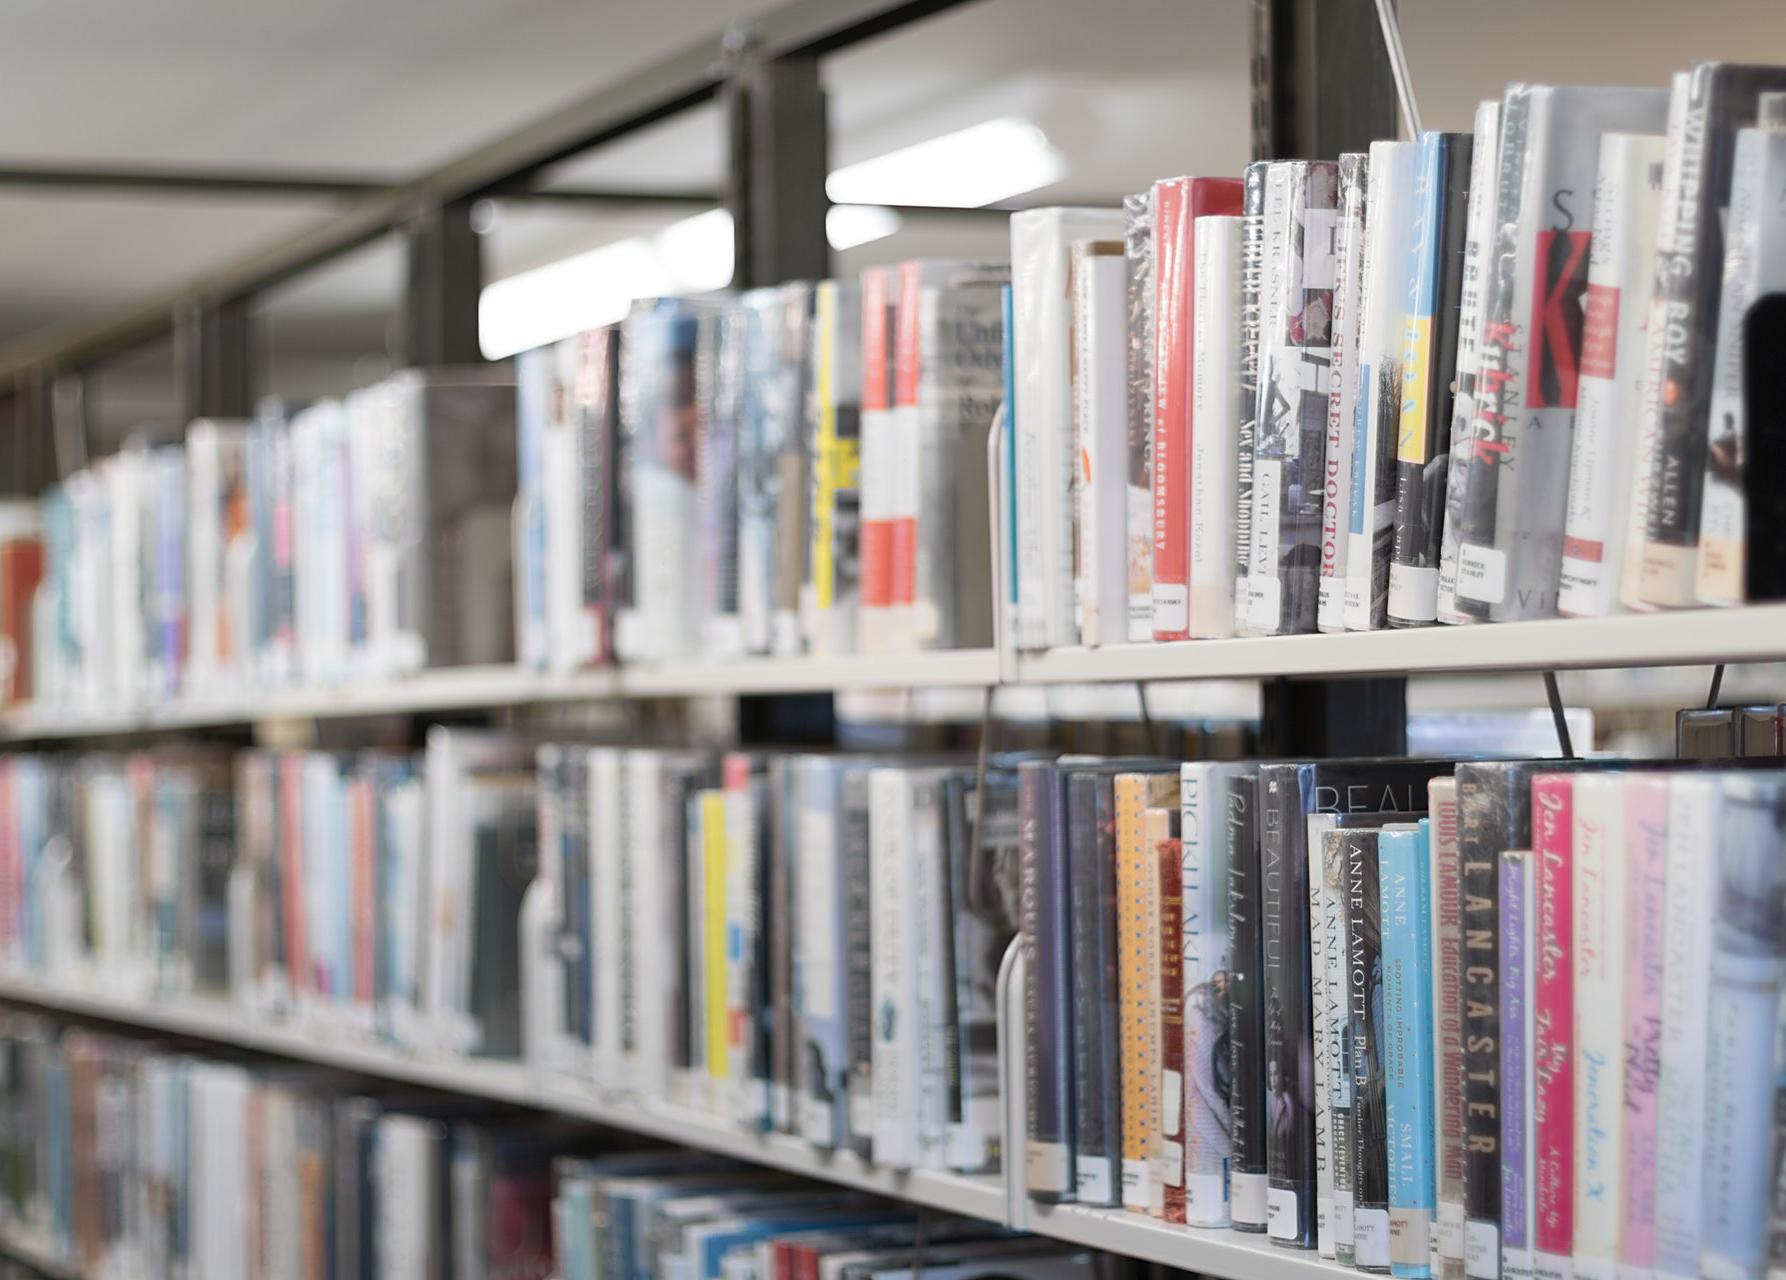 Bibliotheekboeken in de kast